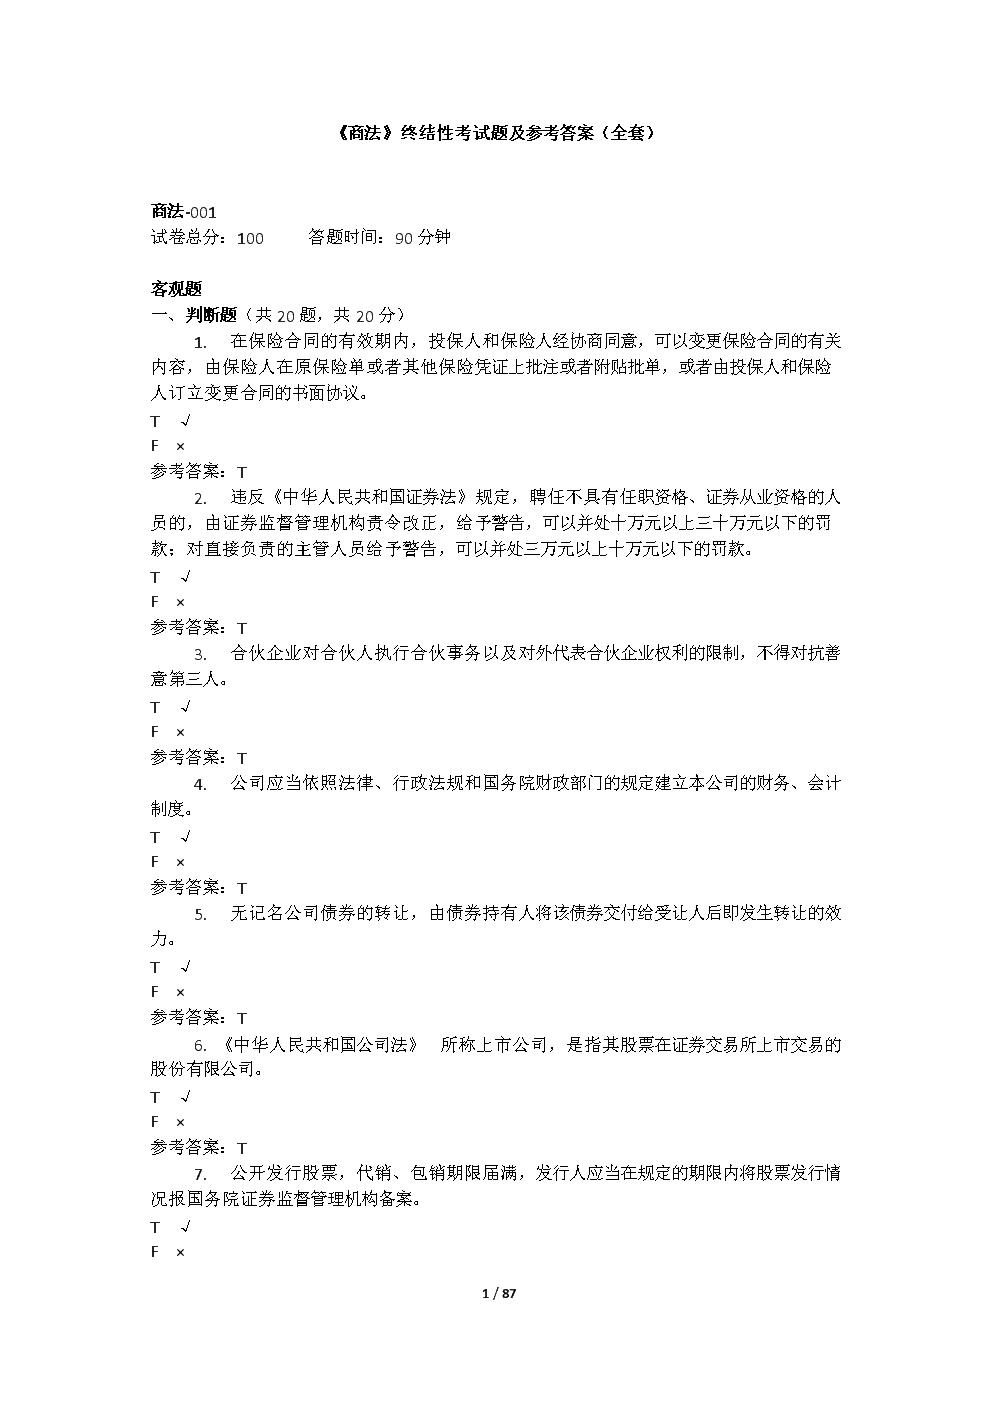 《商法》终结性考试题及答案(全套).docx